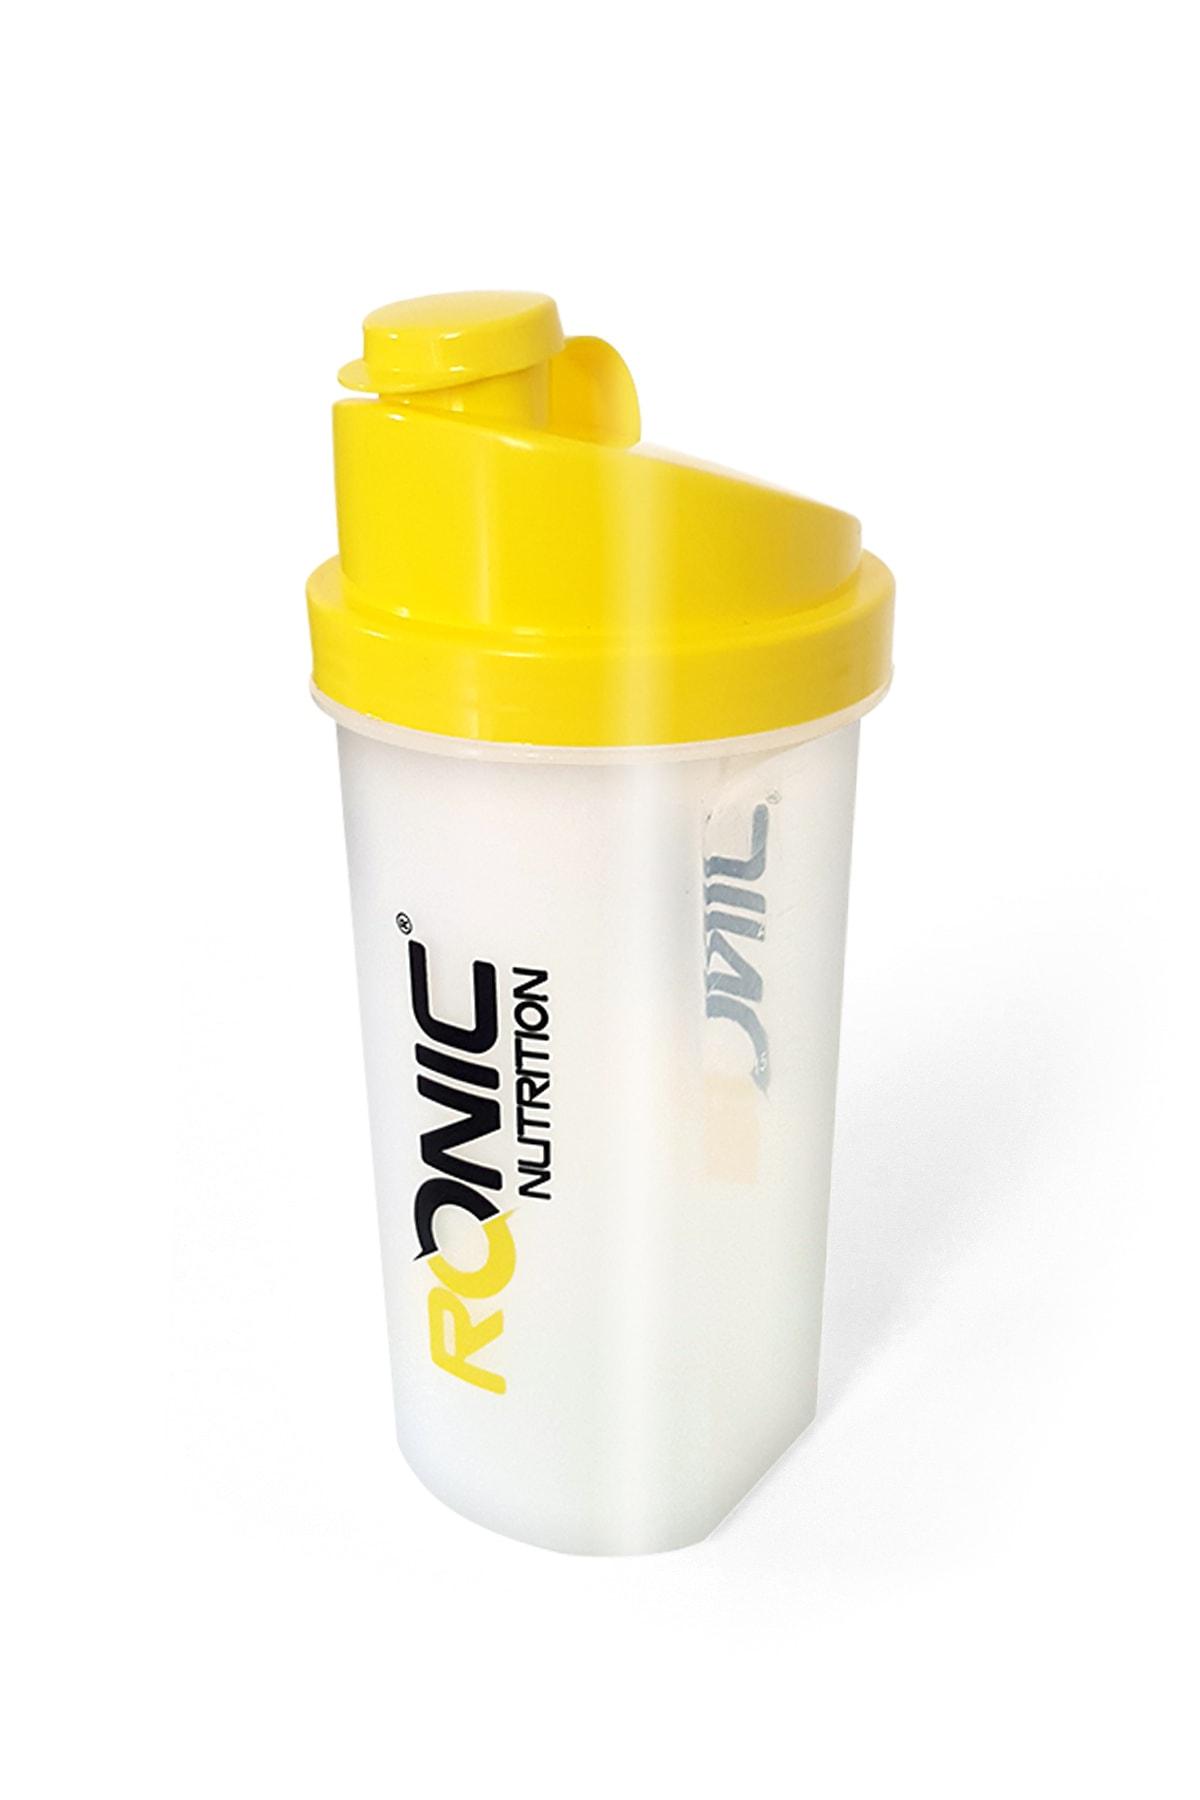 Ronic Nutrition Ultimate Whey Protein Tozu Çilek Aromalı 2270 Gr + 3 Adet Hediye 2